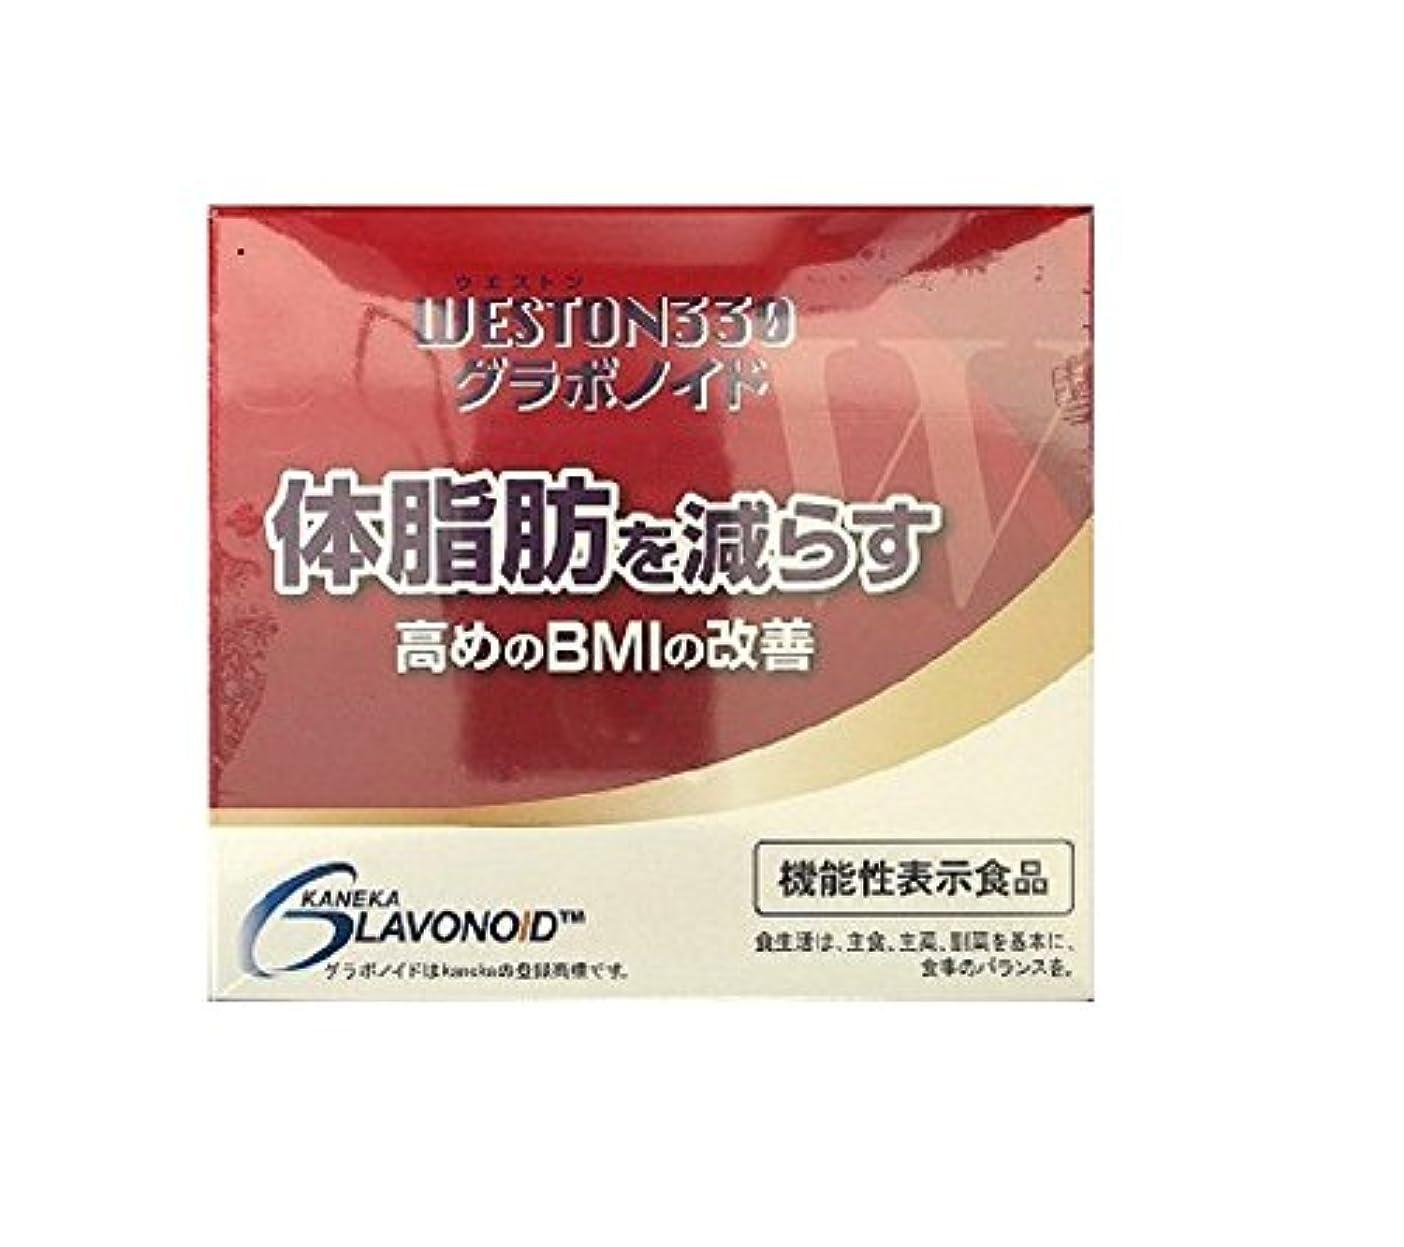 予想外ボクシング記憶リマックスジャパン WESTON330 グラボノイド 60粒 (30日分) [機能性表示食品]